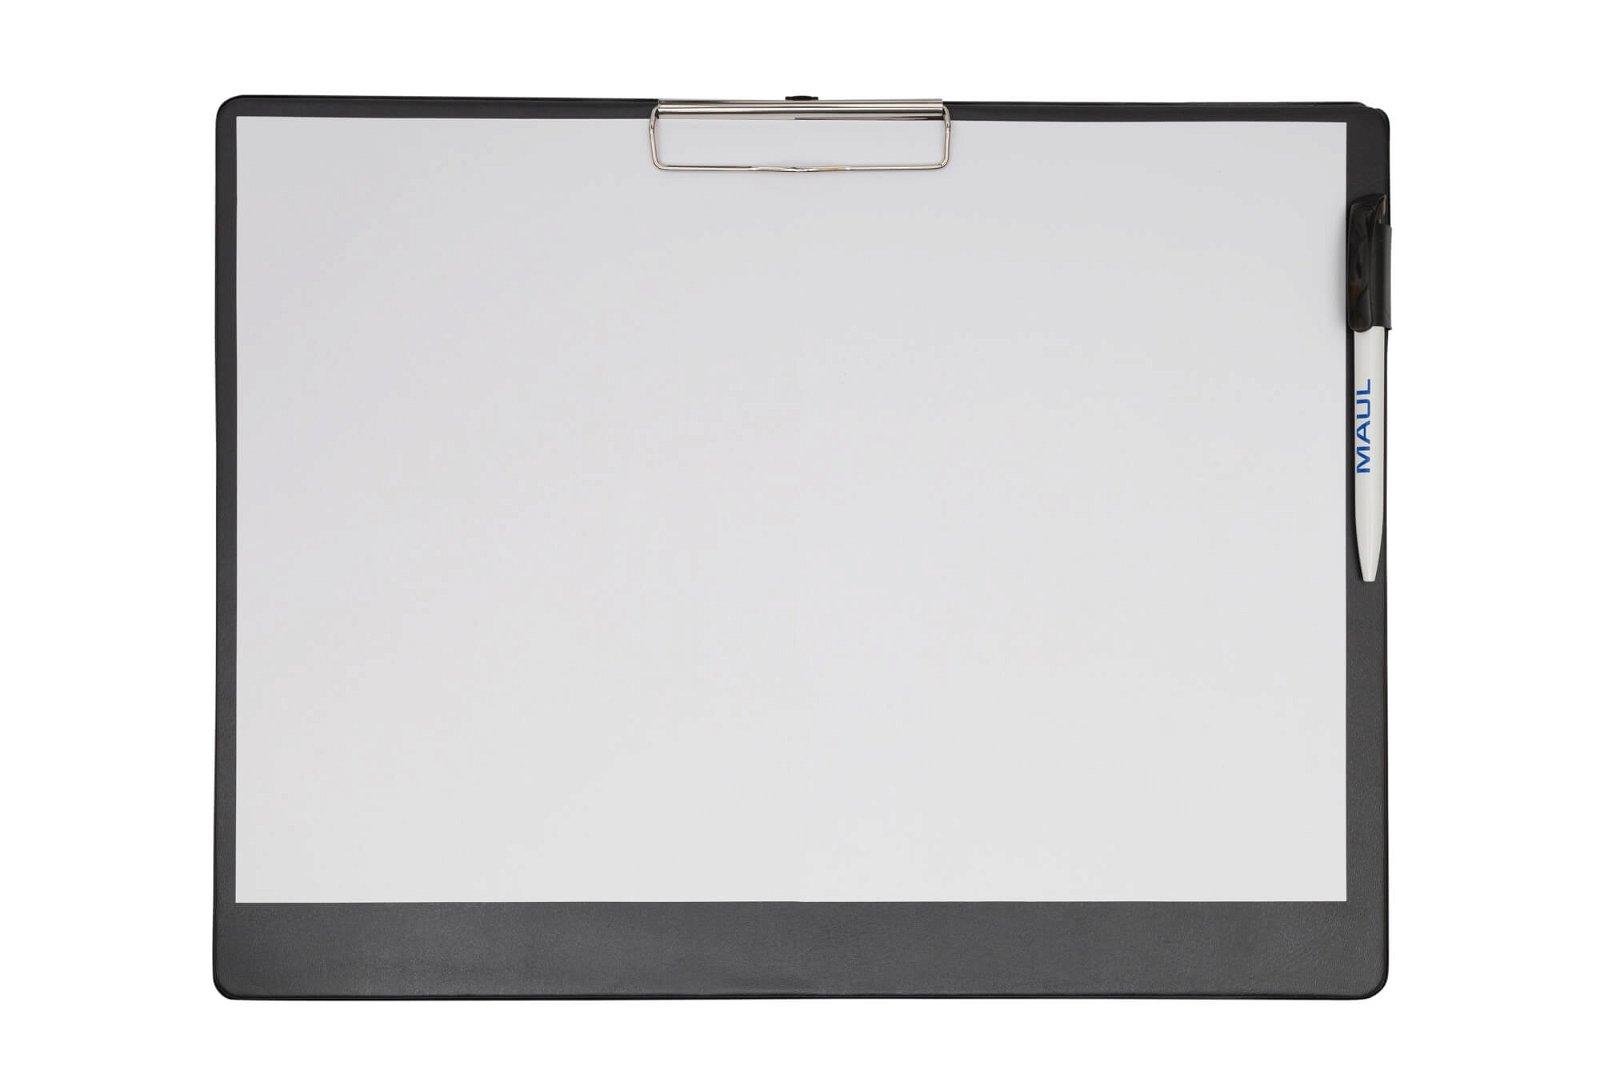 A3 Schreibplatte mit Folien- überzug, Klemmer lange Seite, schwarz